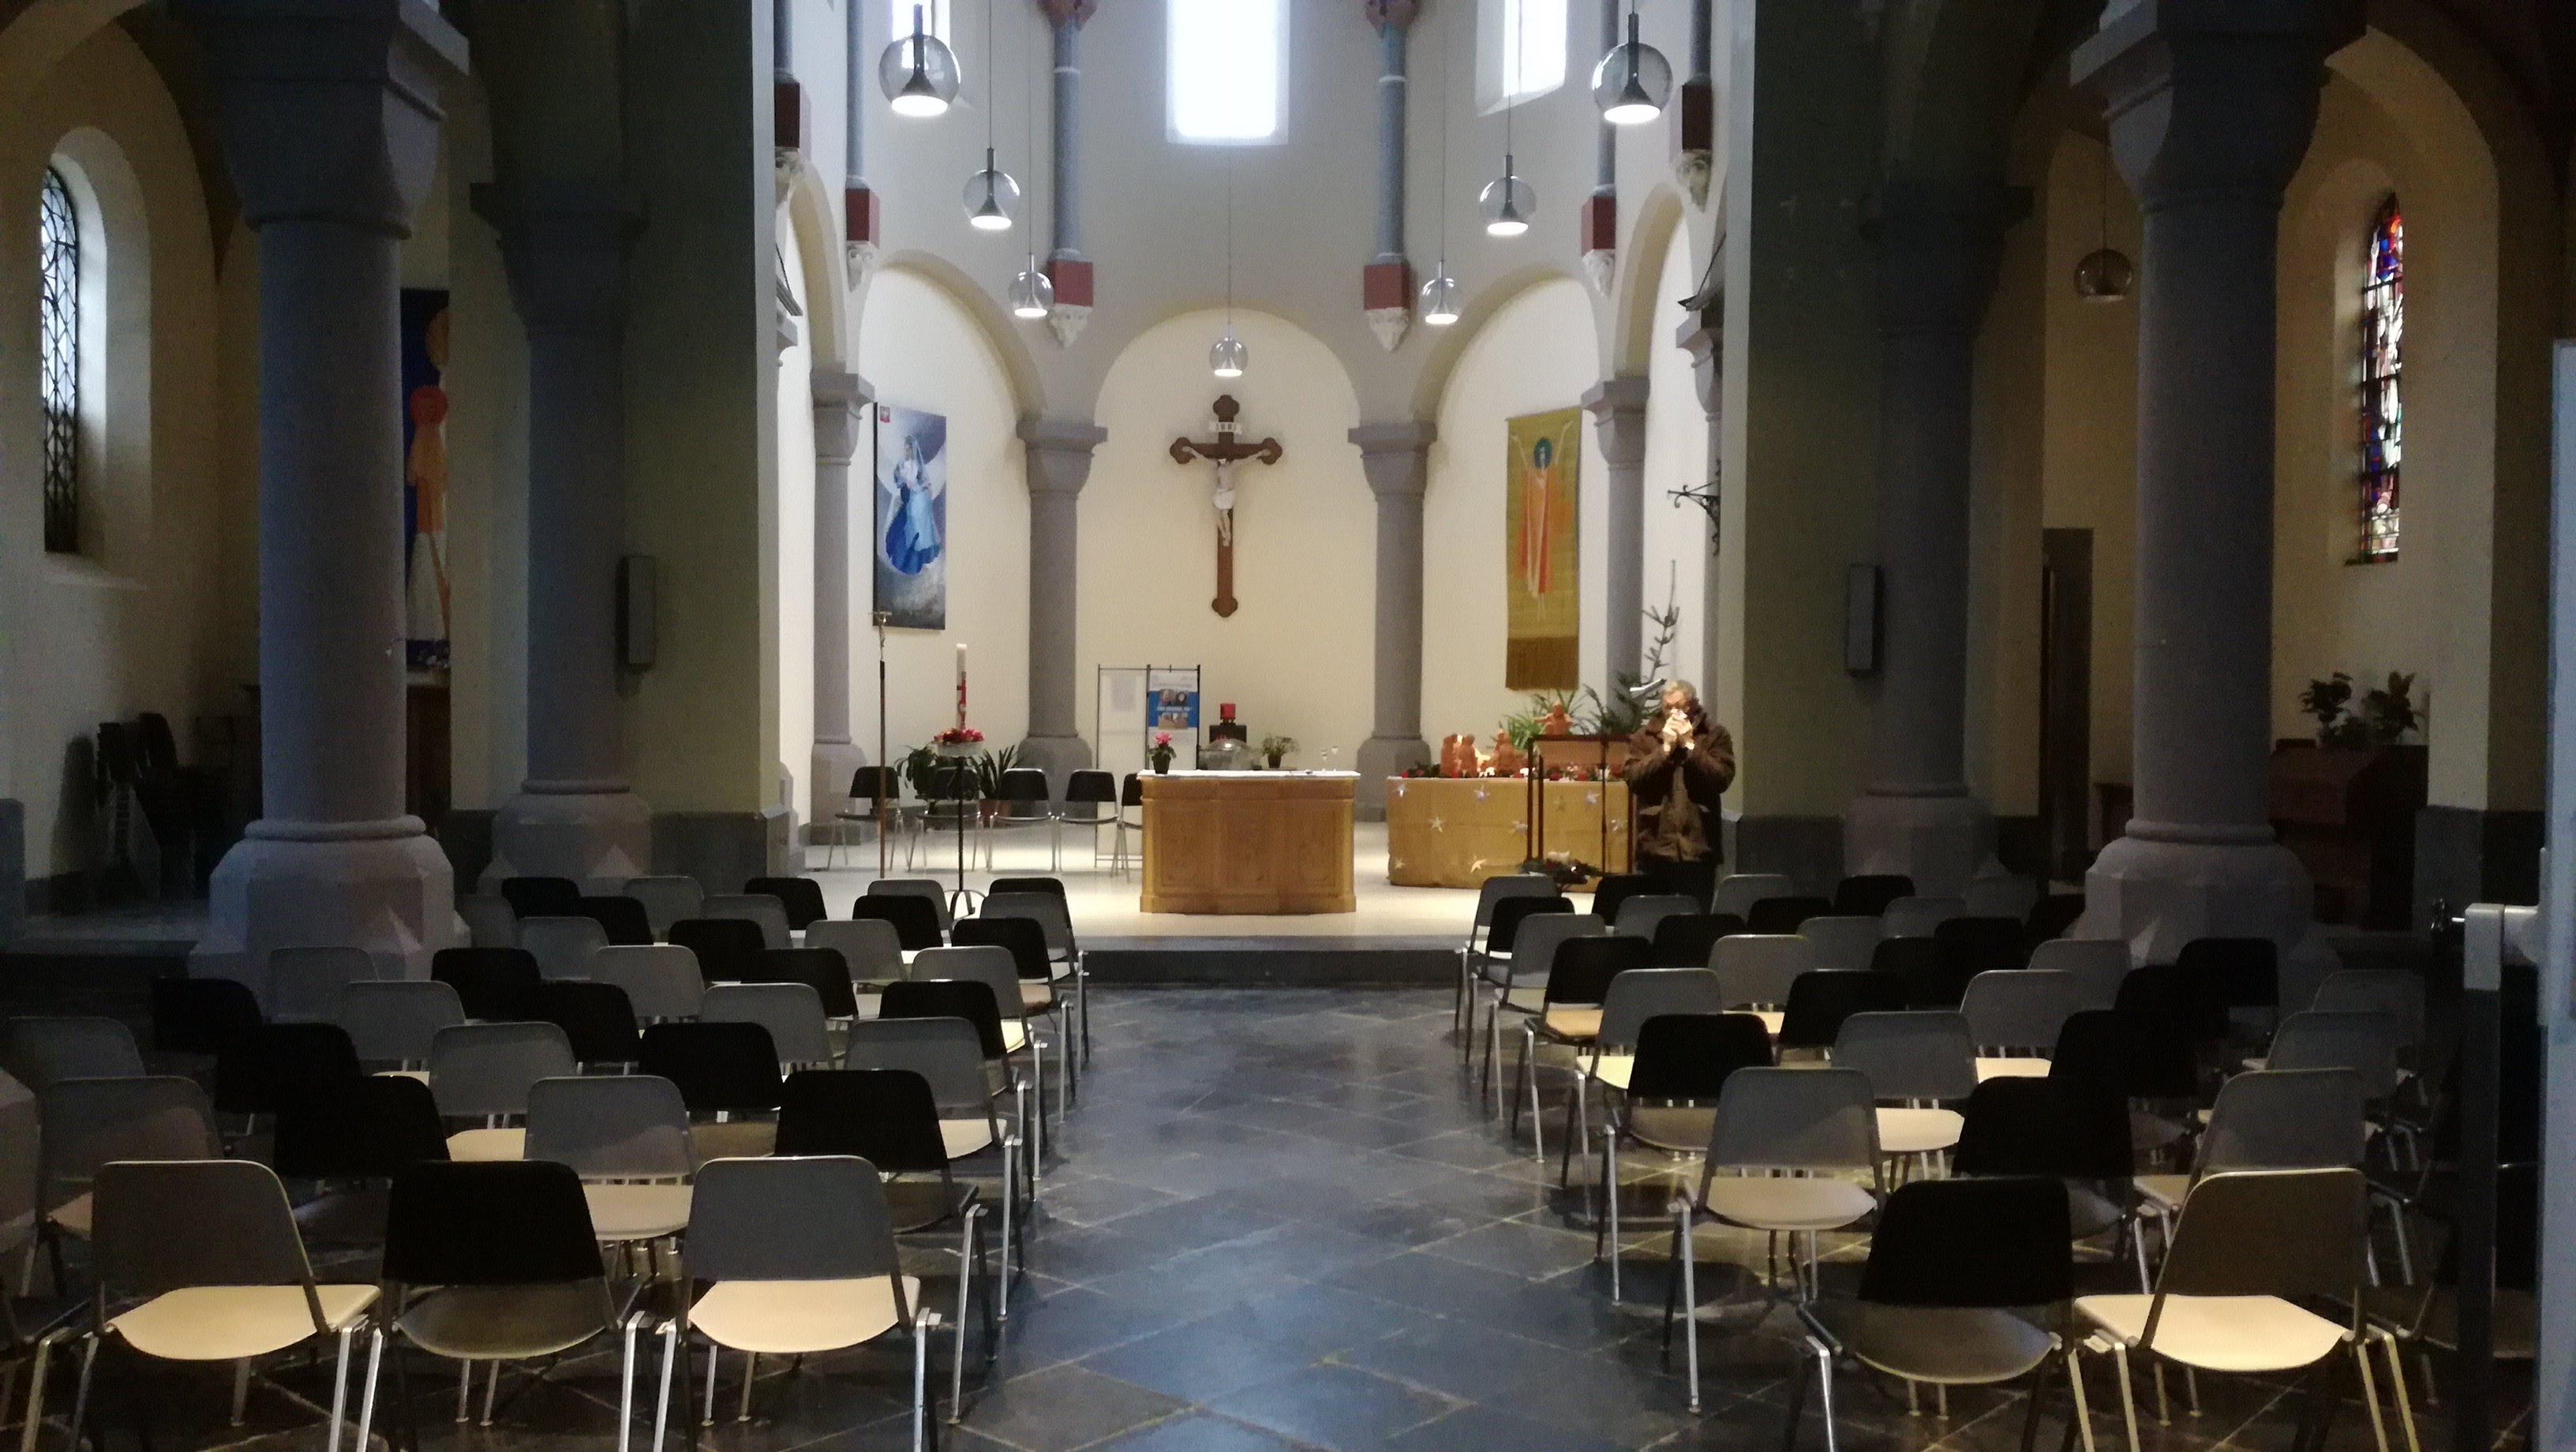 20 décembre 2017 – Etude de l'amélioration du confort acoustique de l'église de Somme-Leuze